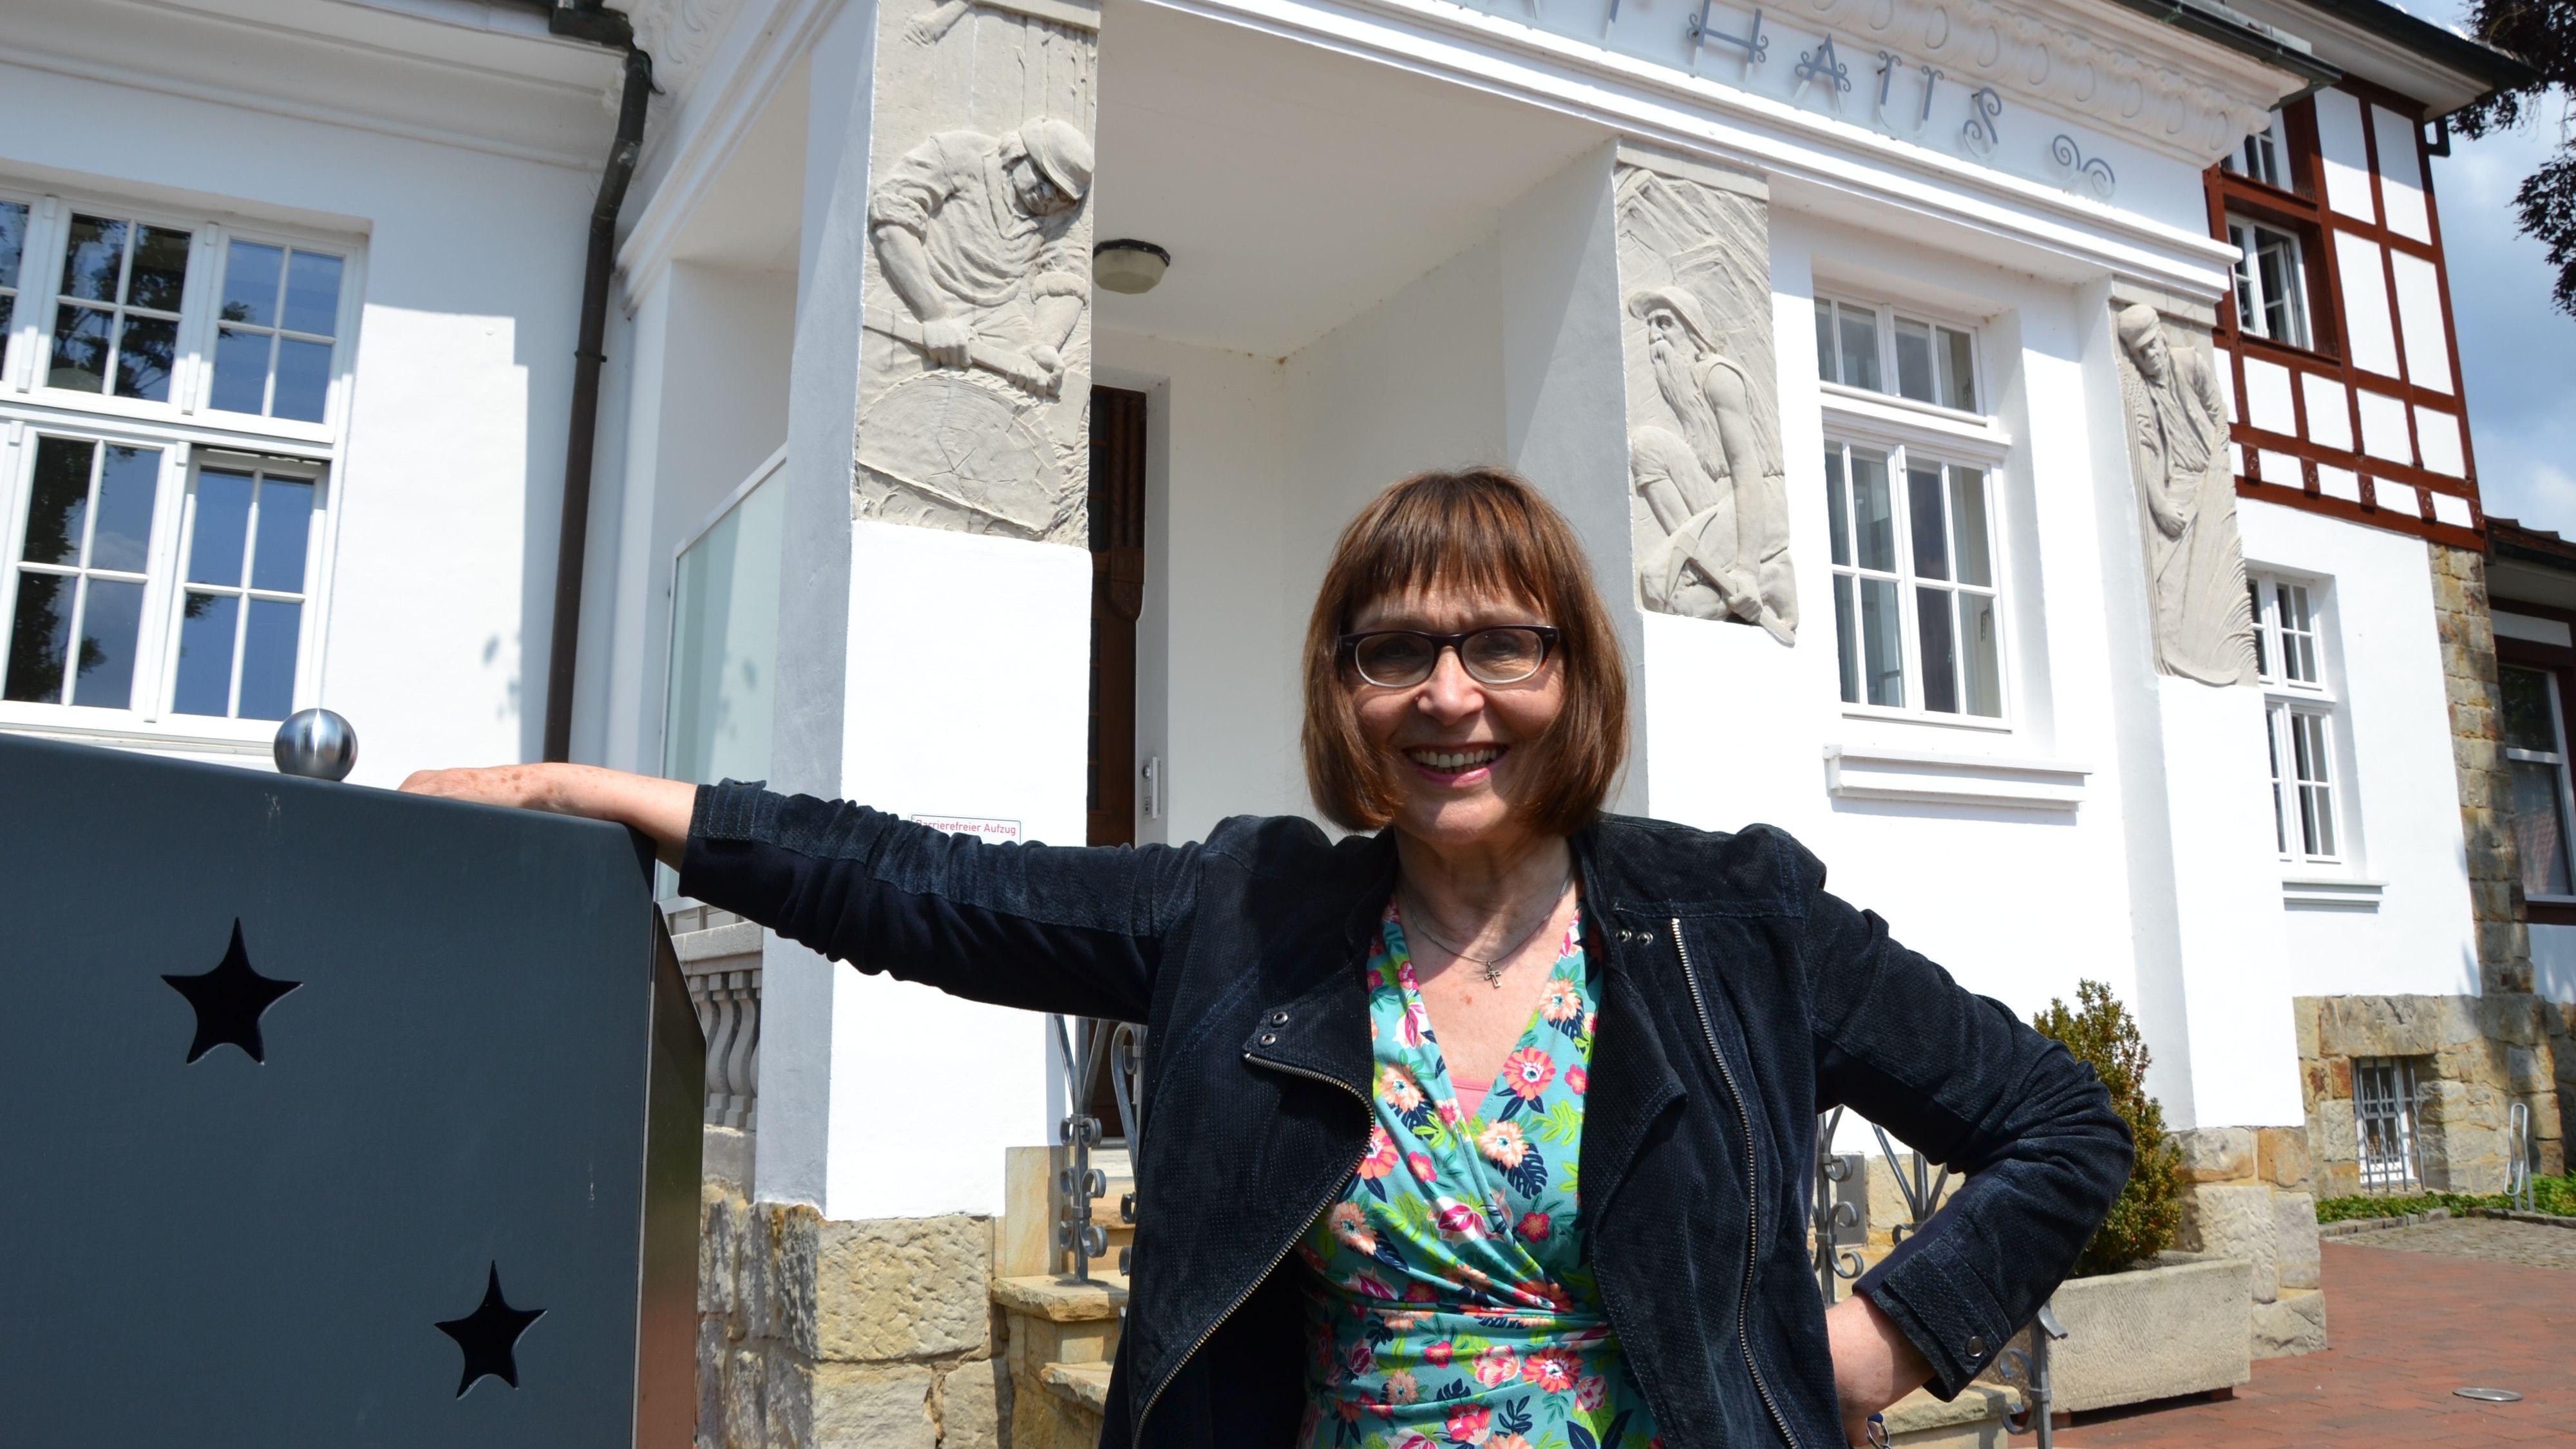 Arbeitsplatz Rathaus: Hildegard Middendorf ist seit 2001 Gleichstellungsbeauftragte in Essen. Foto: Meyer